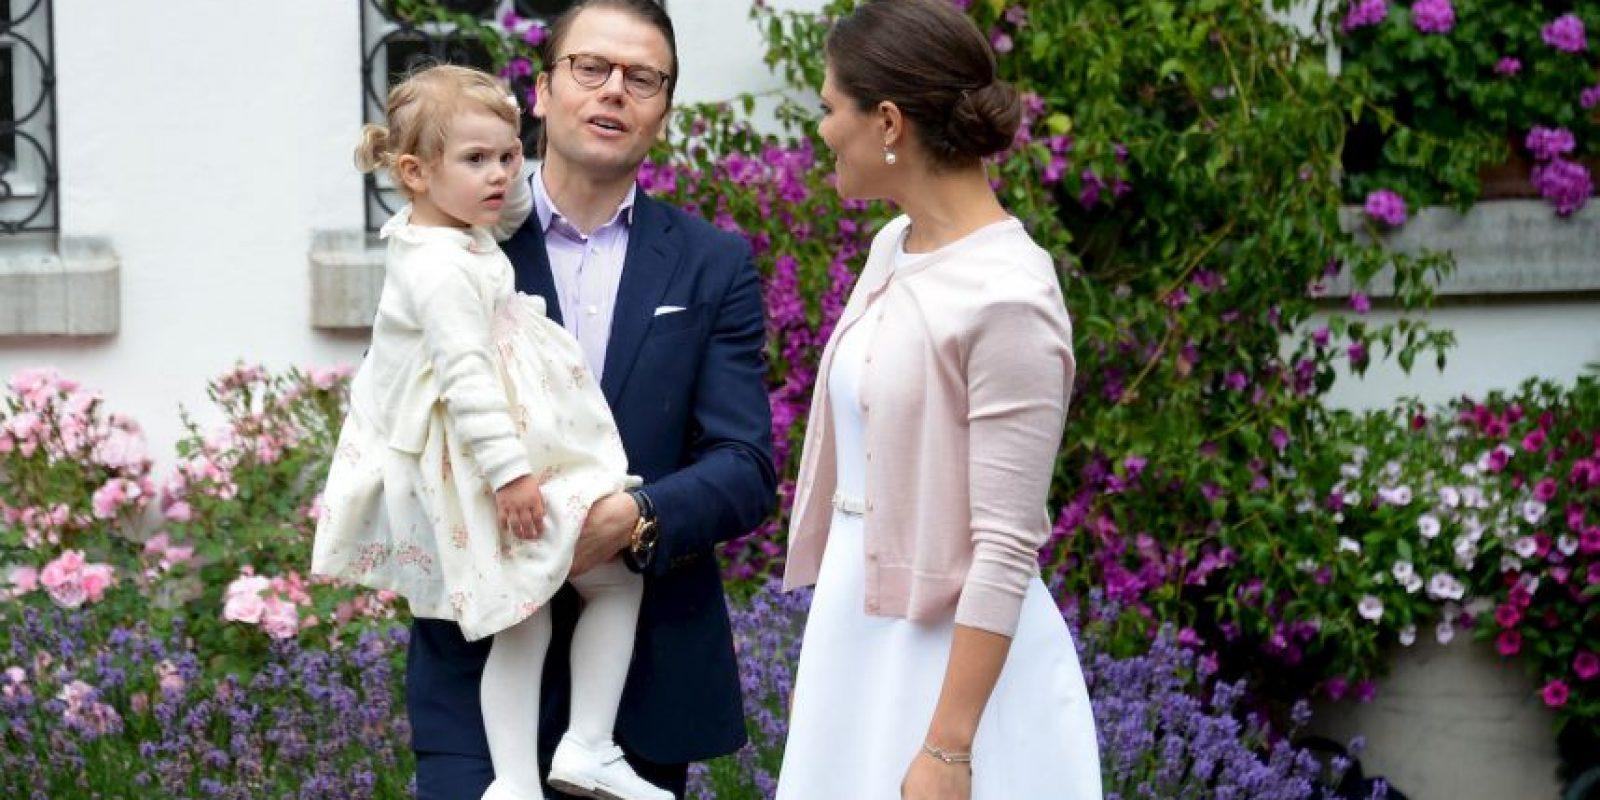 Es hija del príncipe Daniel y la princesa Victoria. La pequeña tiene tres años. Foto:Getty Images